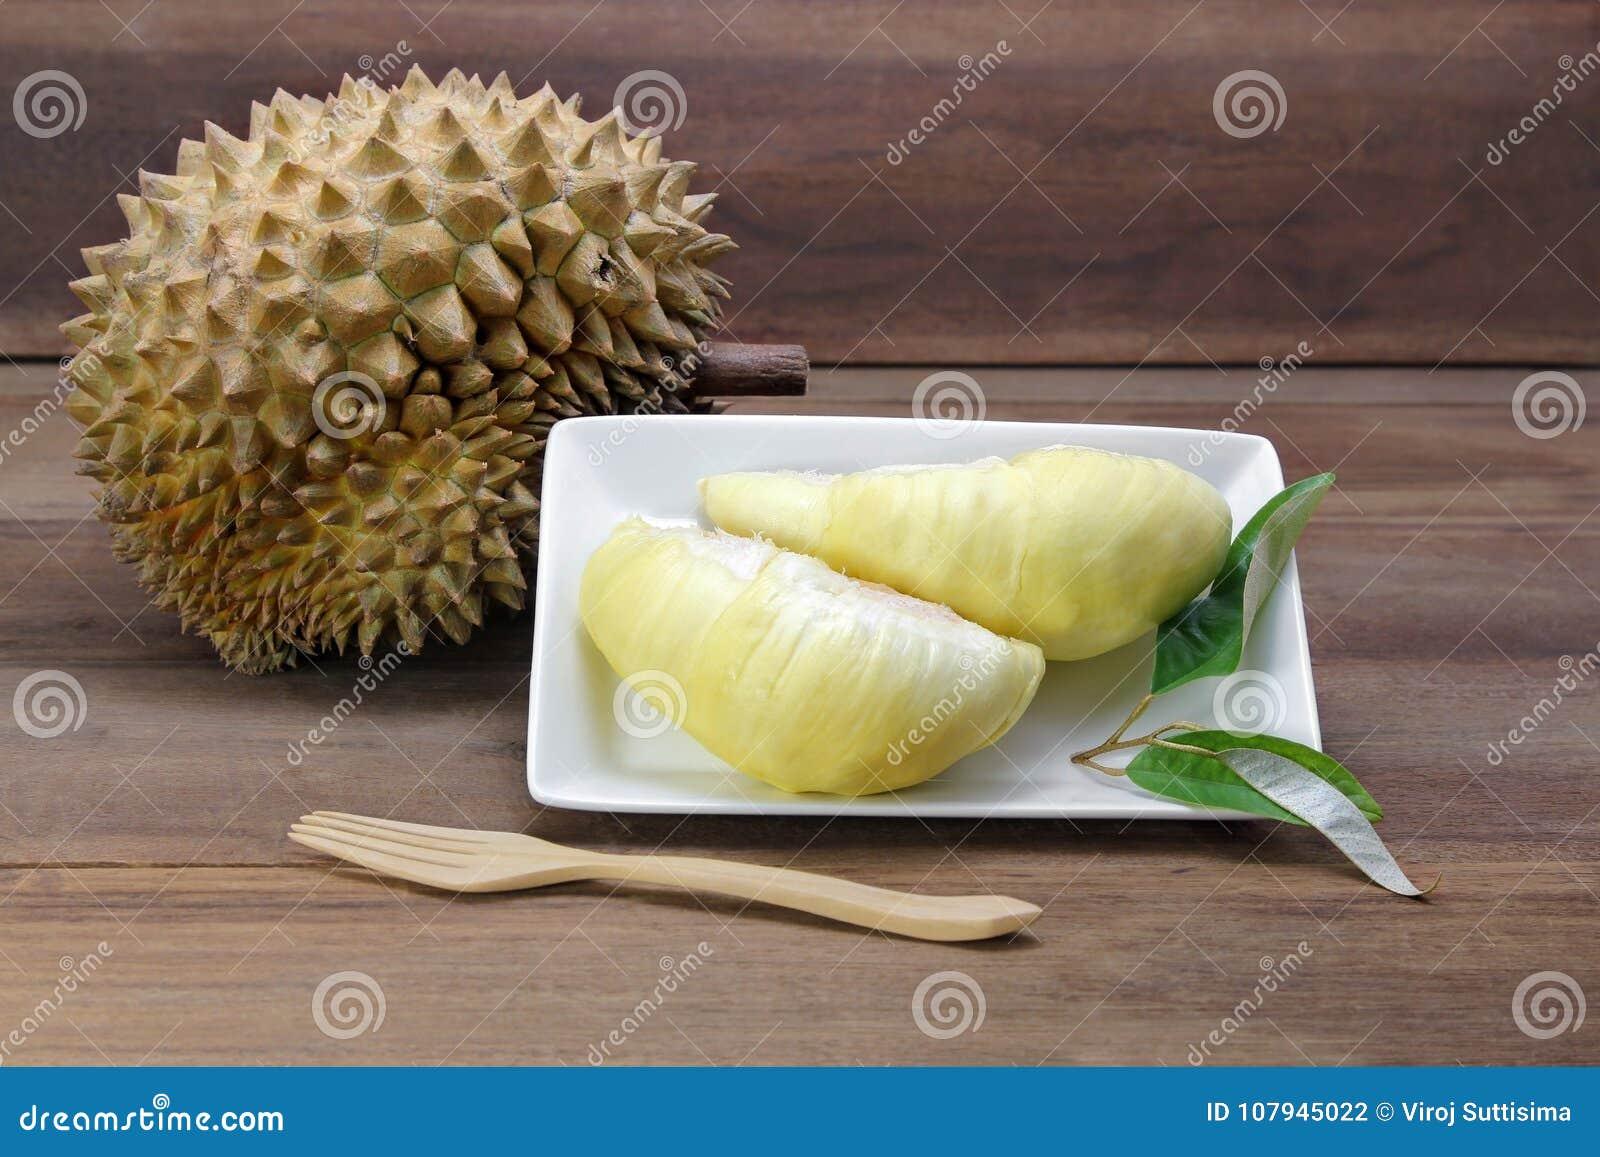 Durianvruchten en geel vlees durian op witte schotel met durian blad, houten achtergrond